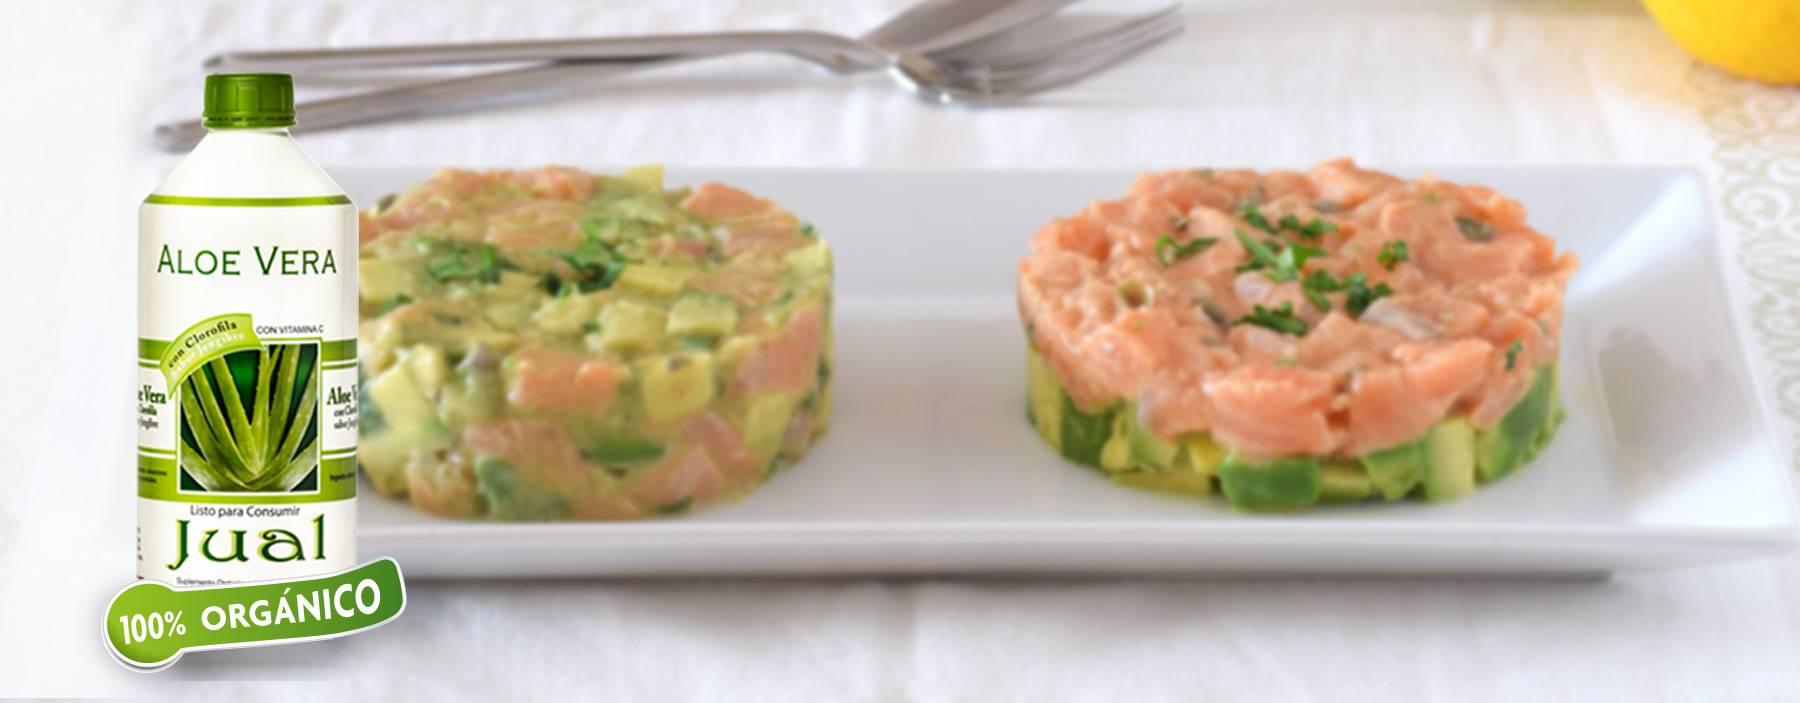 Salmon, avocado and aloe vera tarts